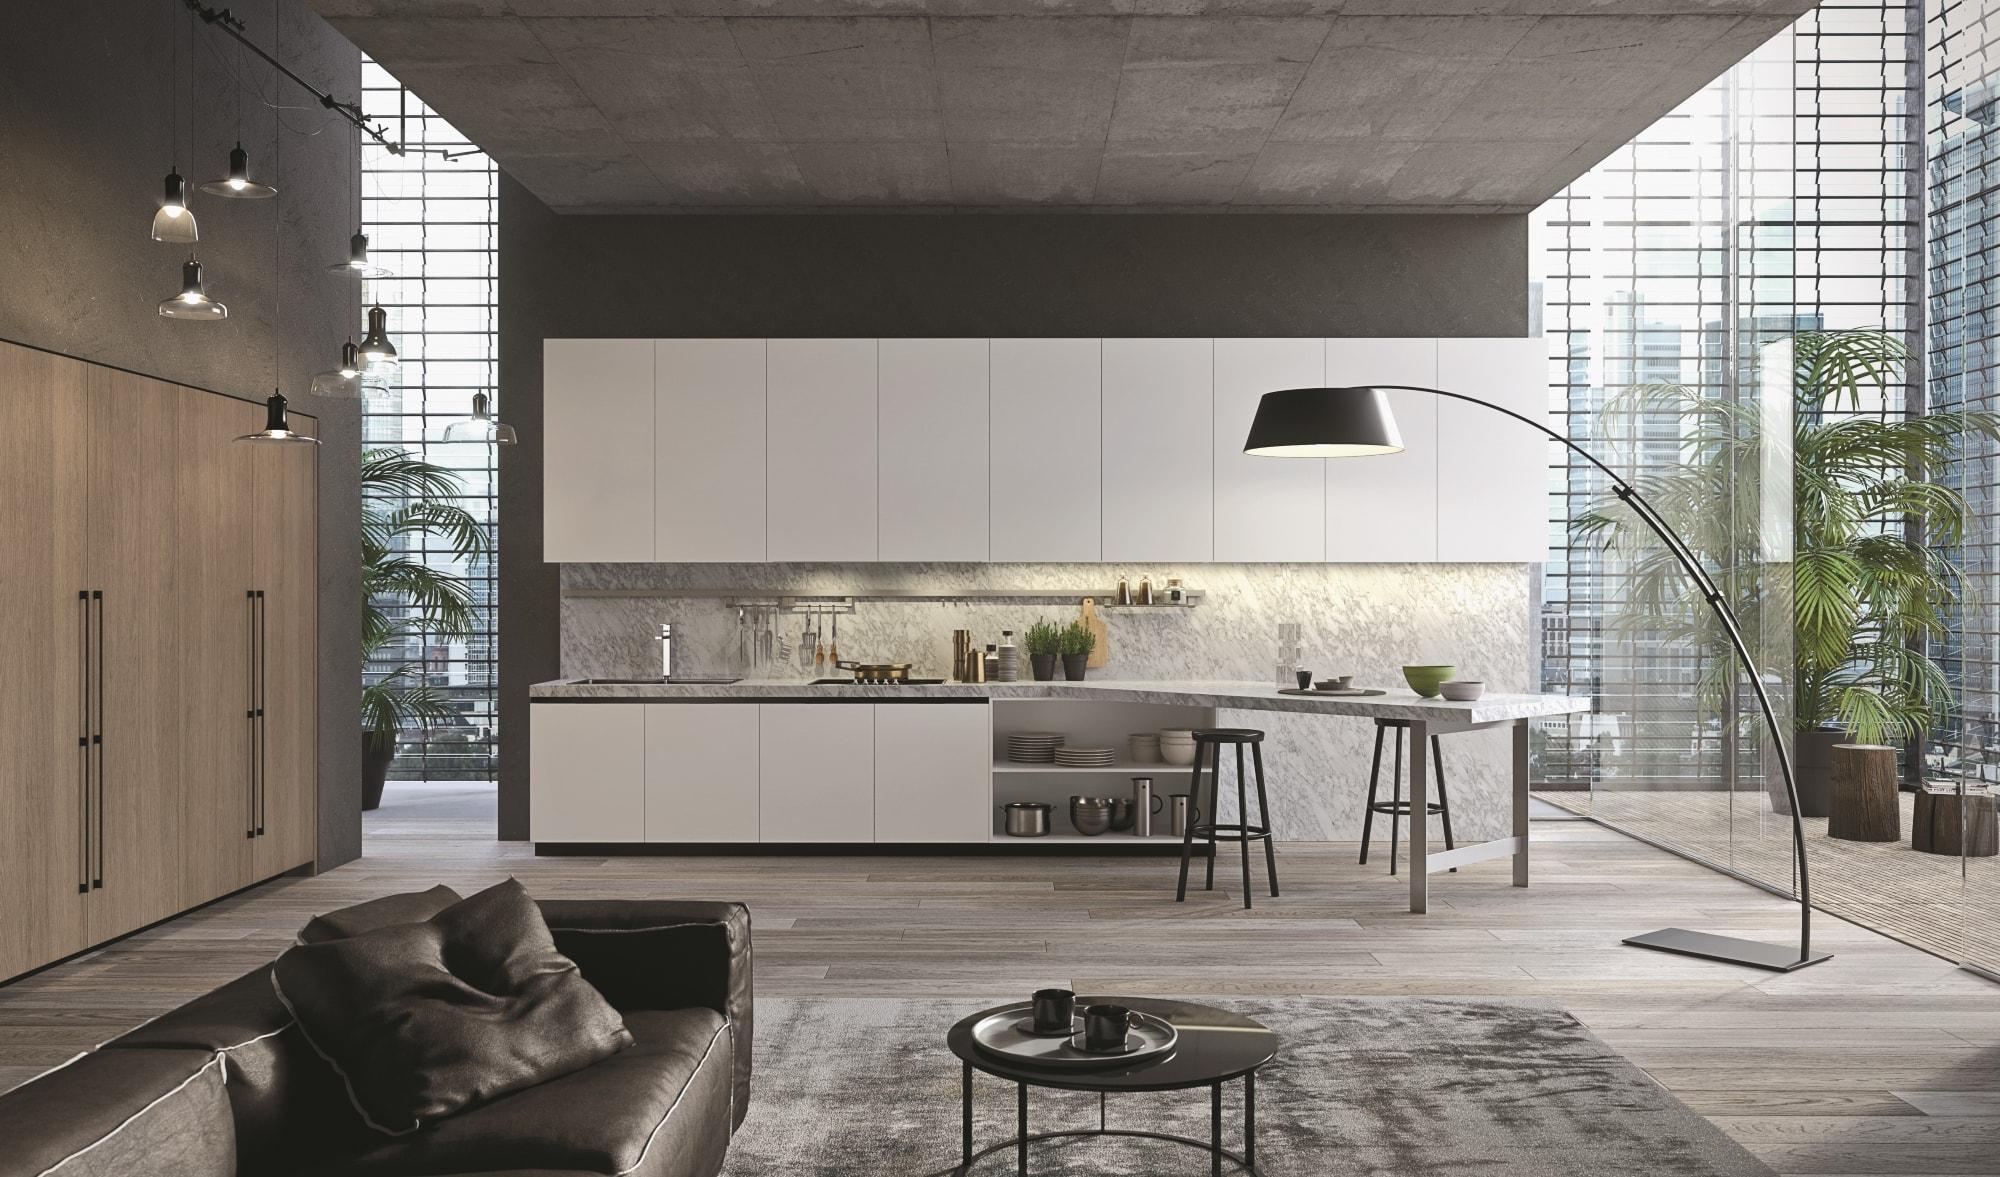 cucine-moderne-ragusa-sicilia-lineare-min